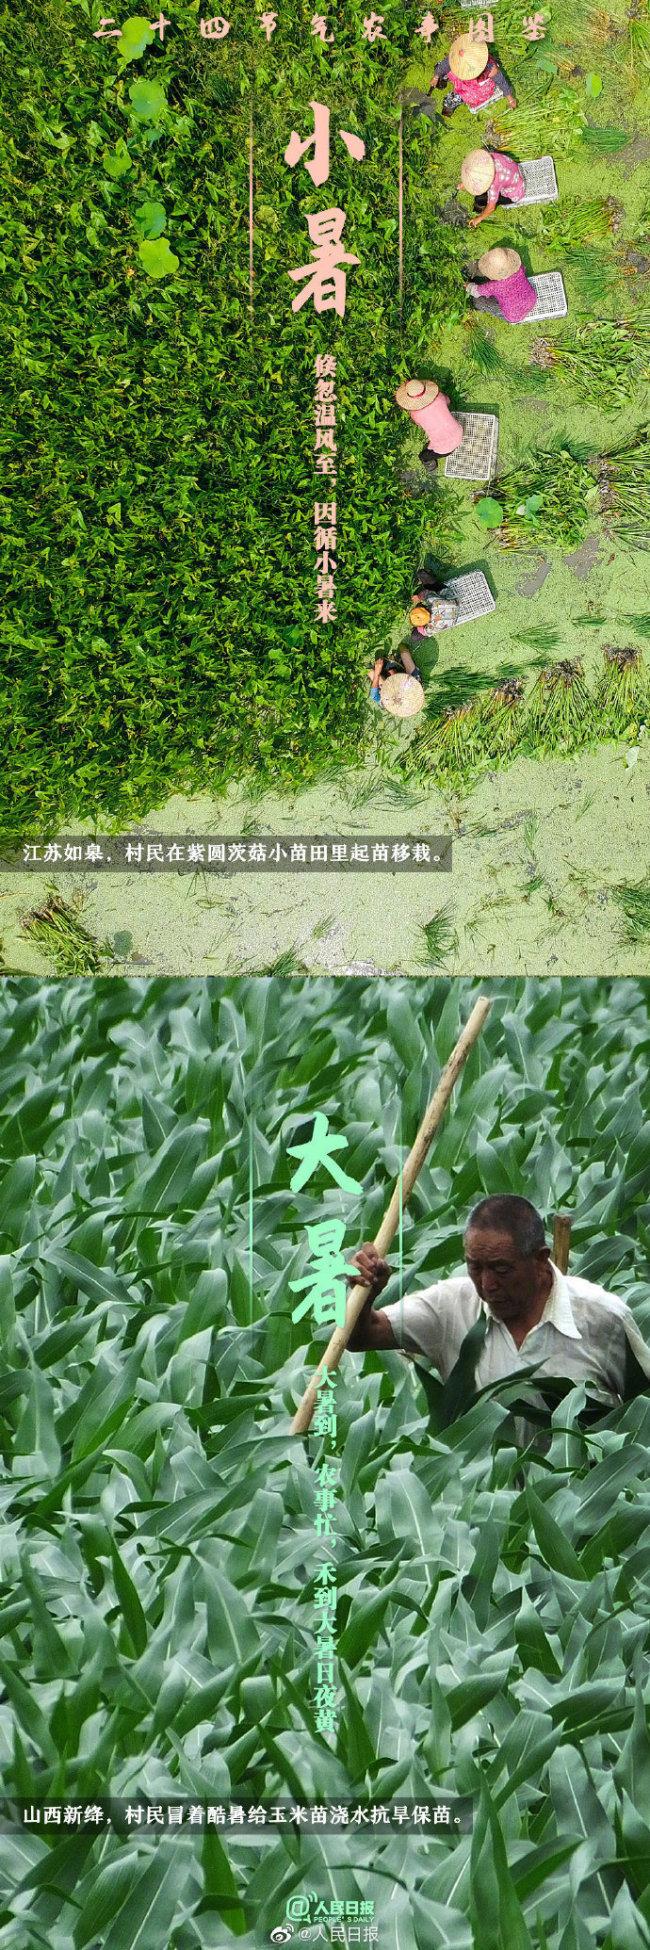 二十四节气农事图鉴